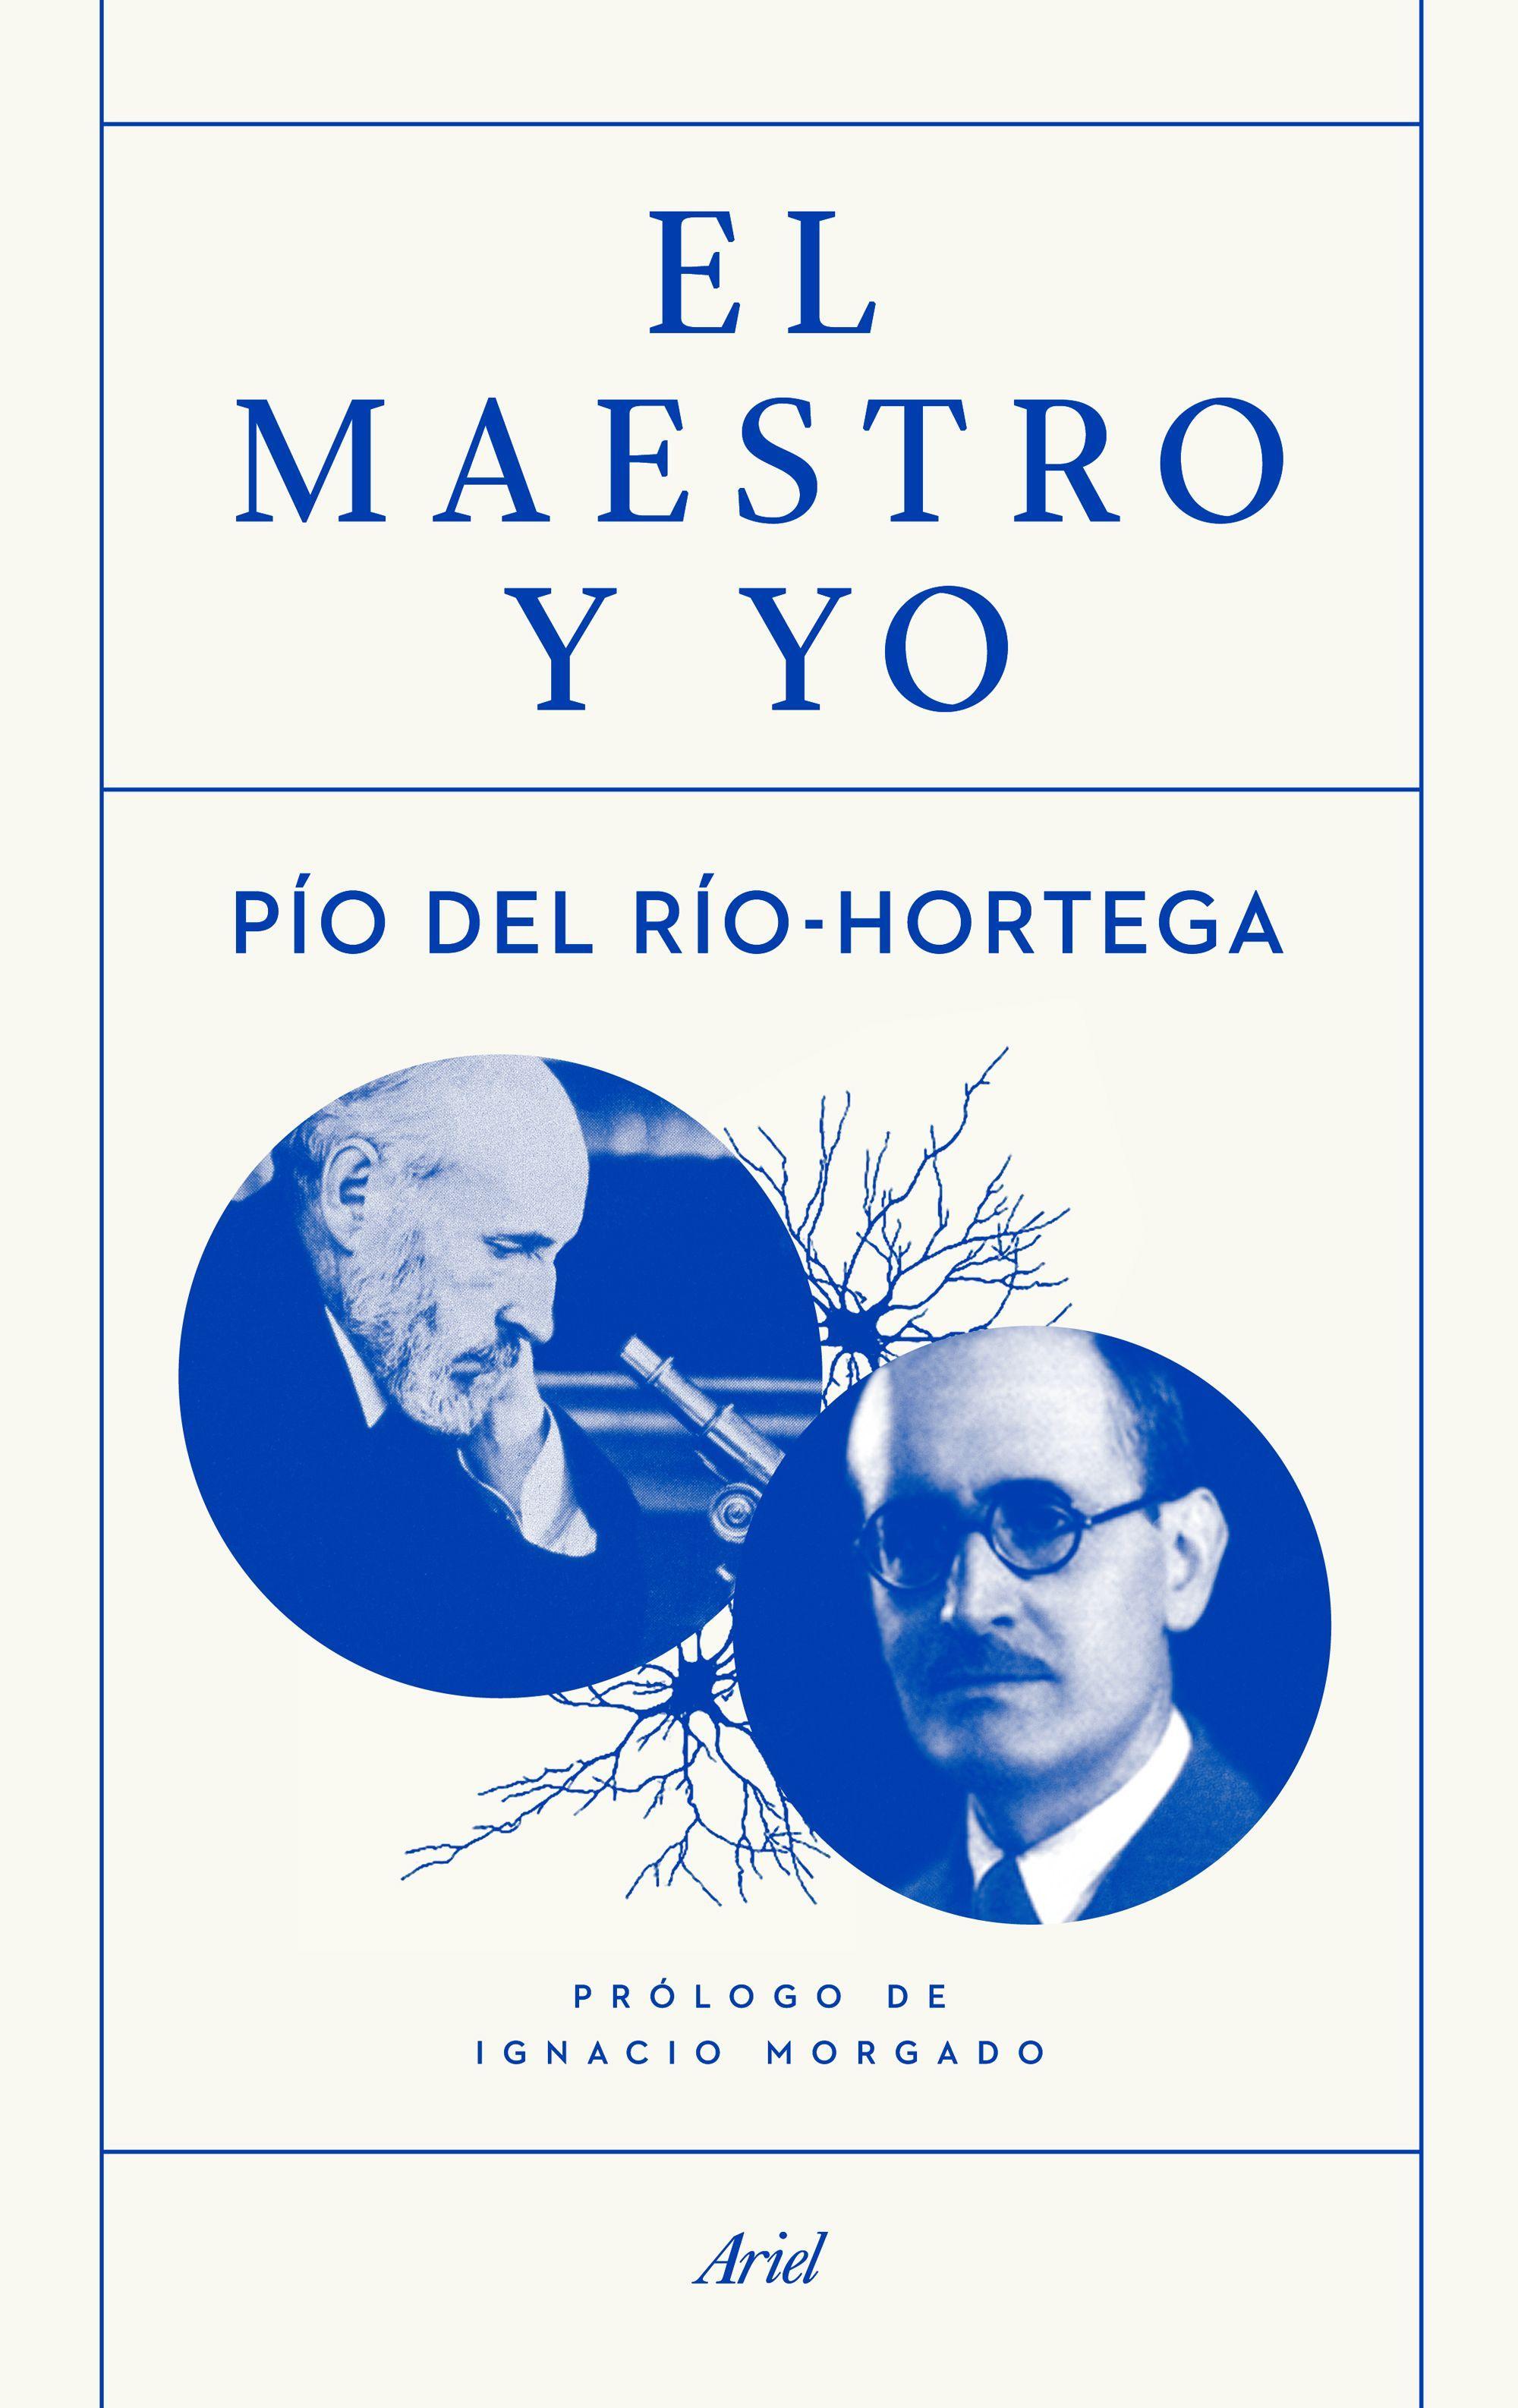 El maestro y yo Pio del Rio-Hortega